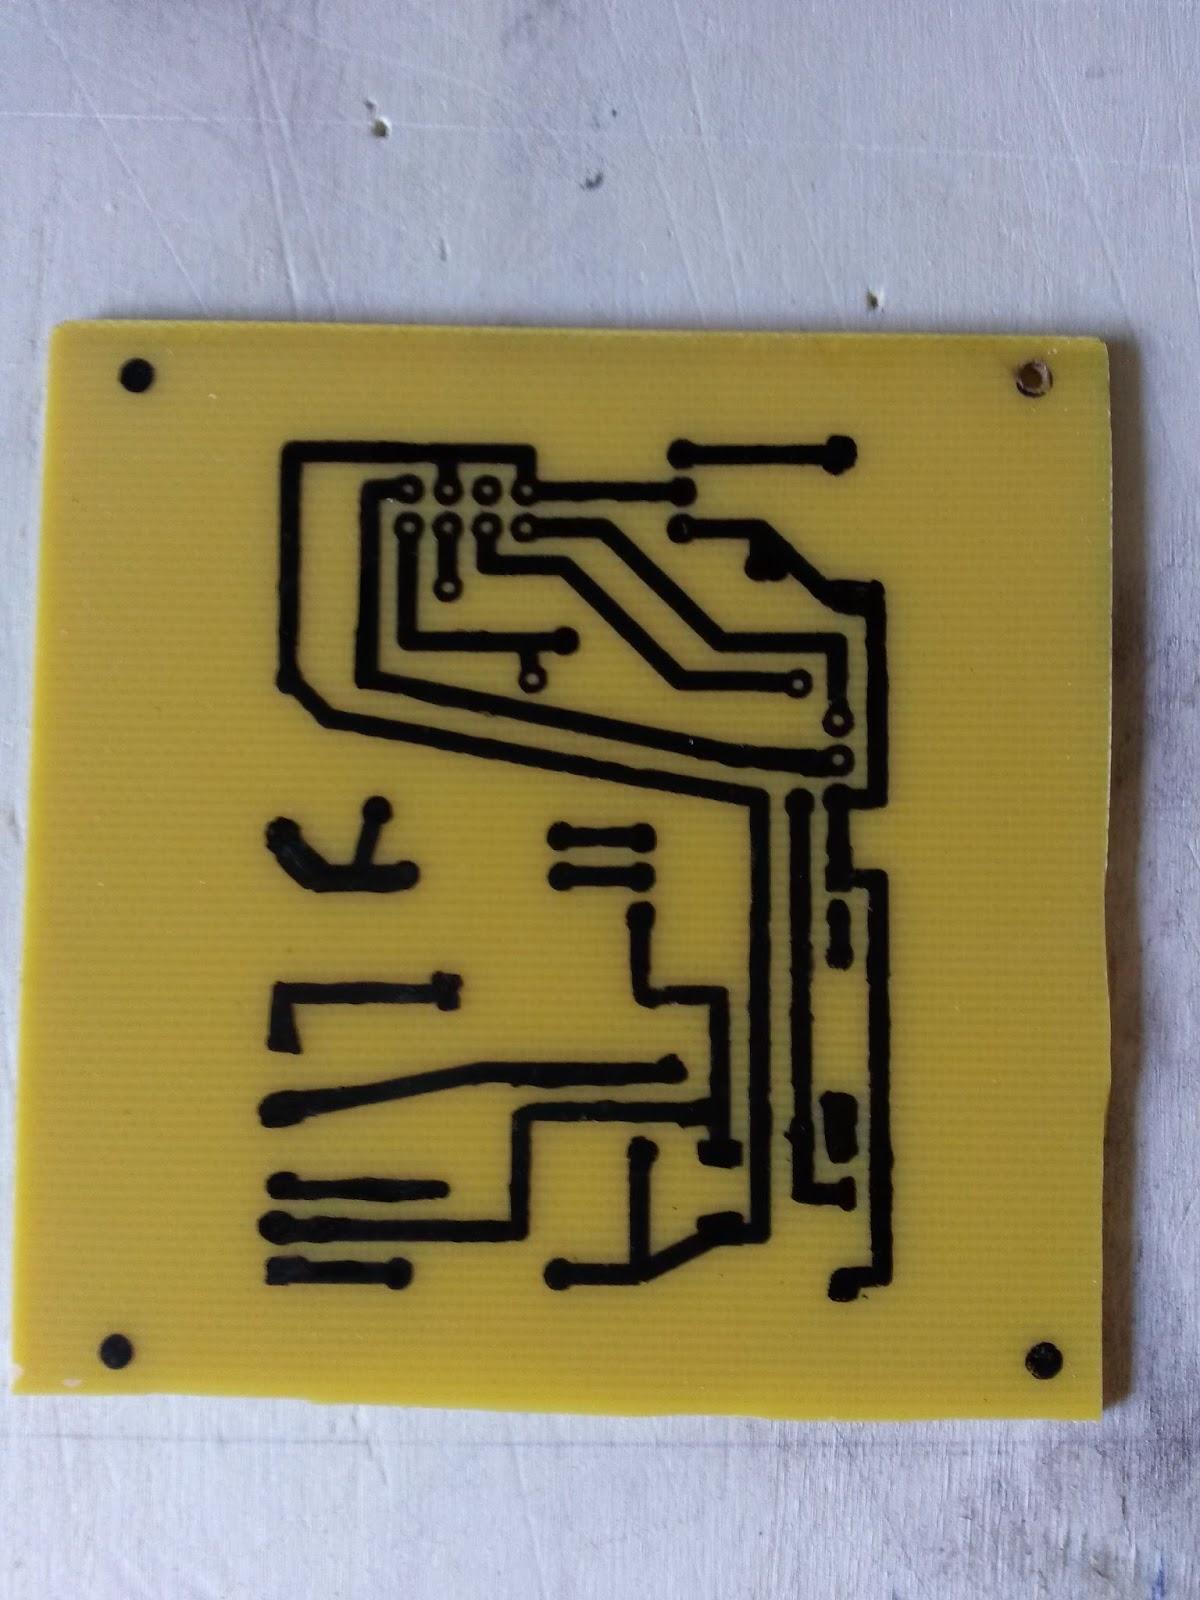 Antonio mancuso 39 s blog internet relay board v2 for Linee d acqua in plastica vs rame